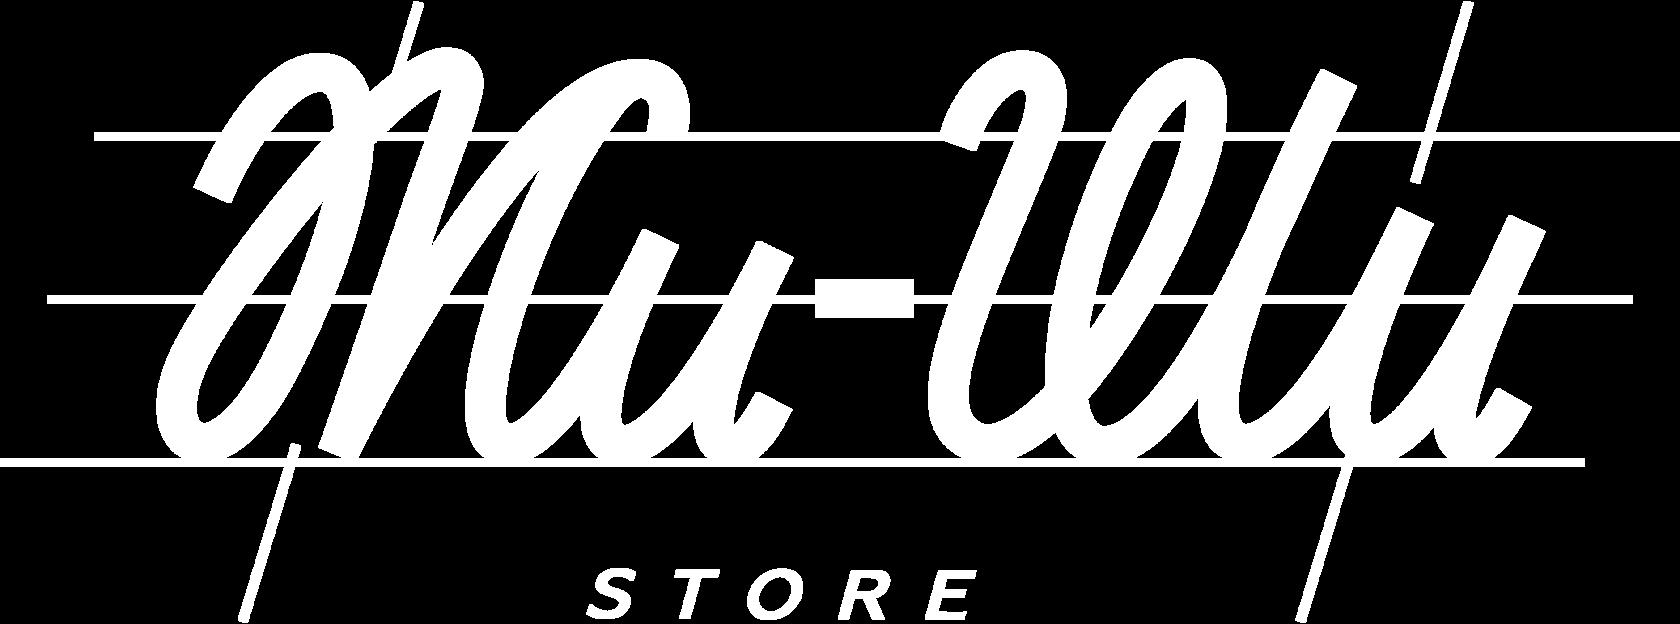 Жи-Ши Store